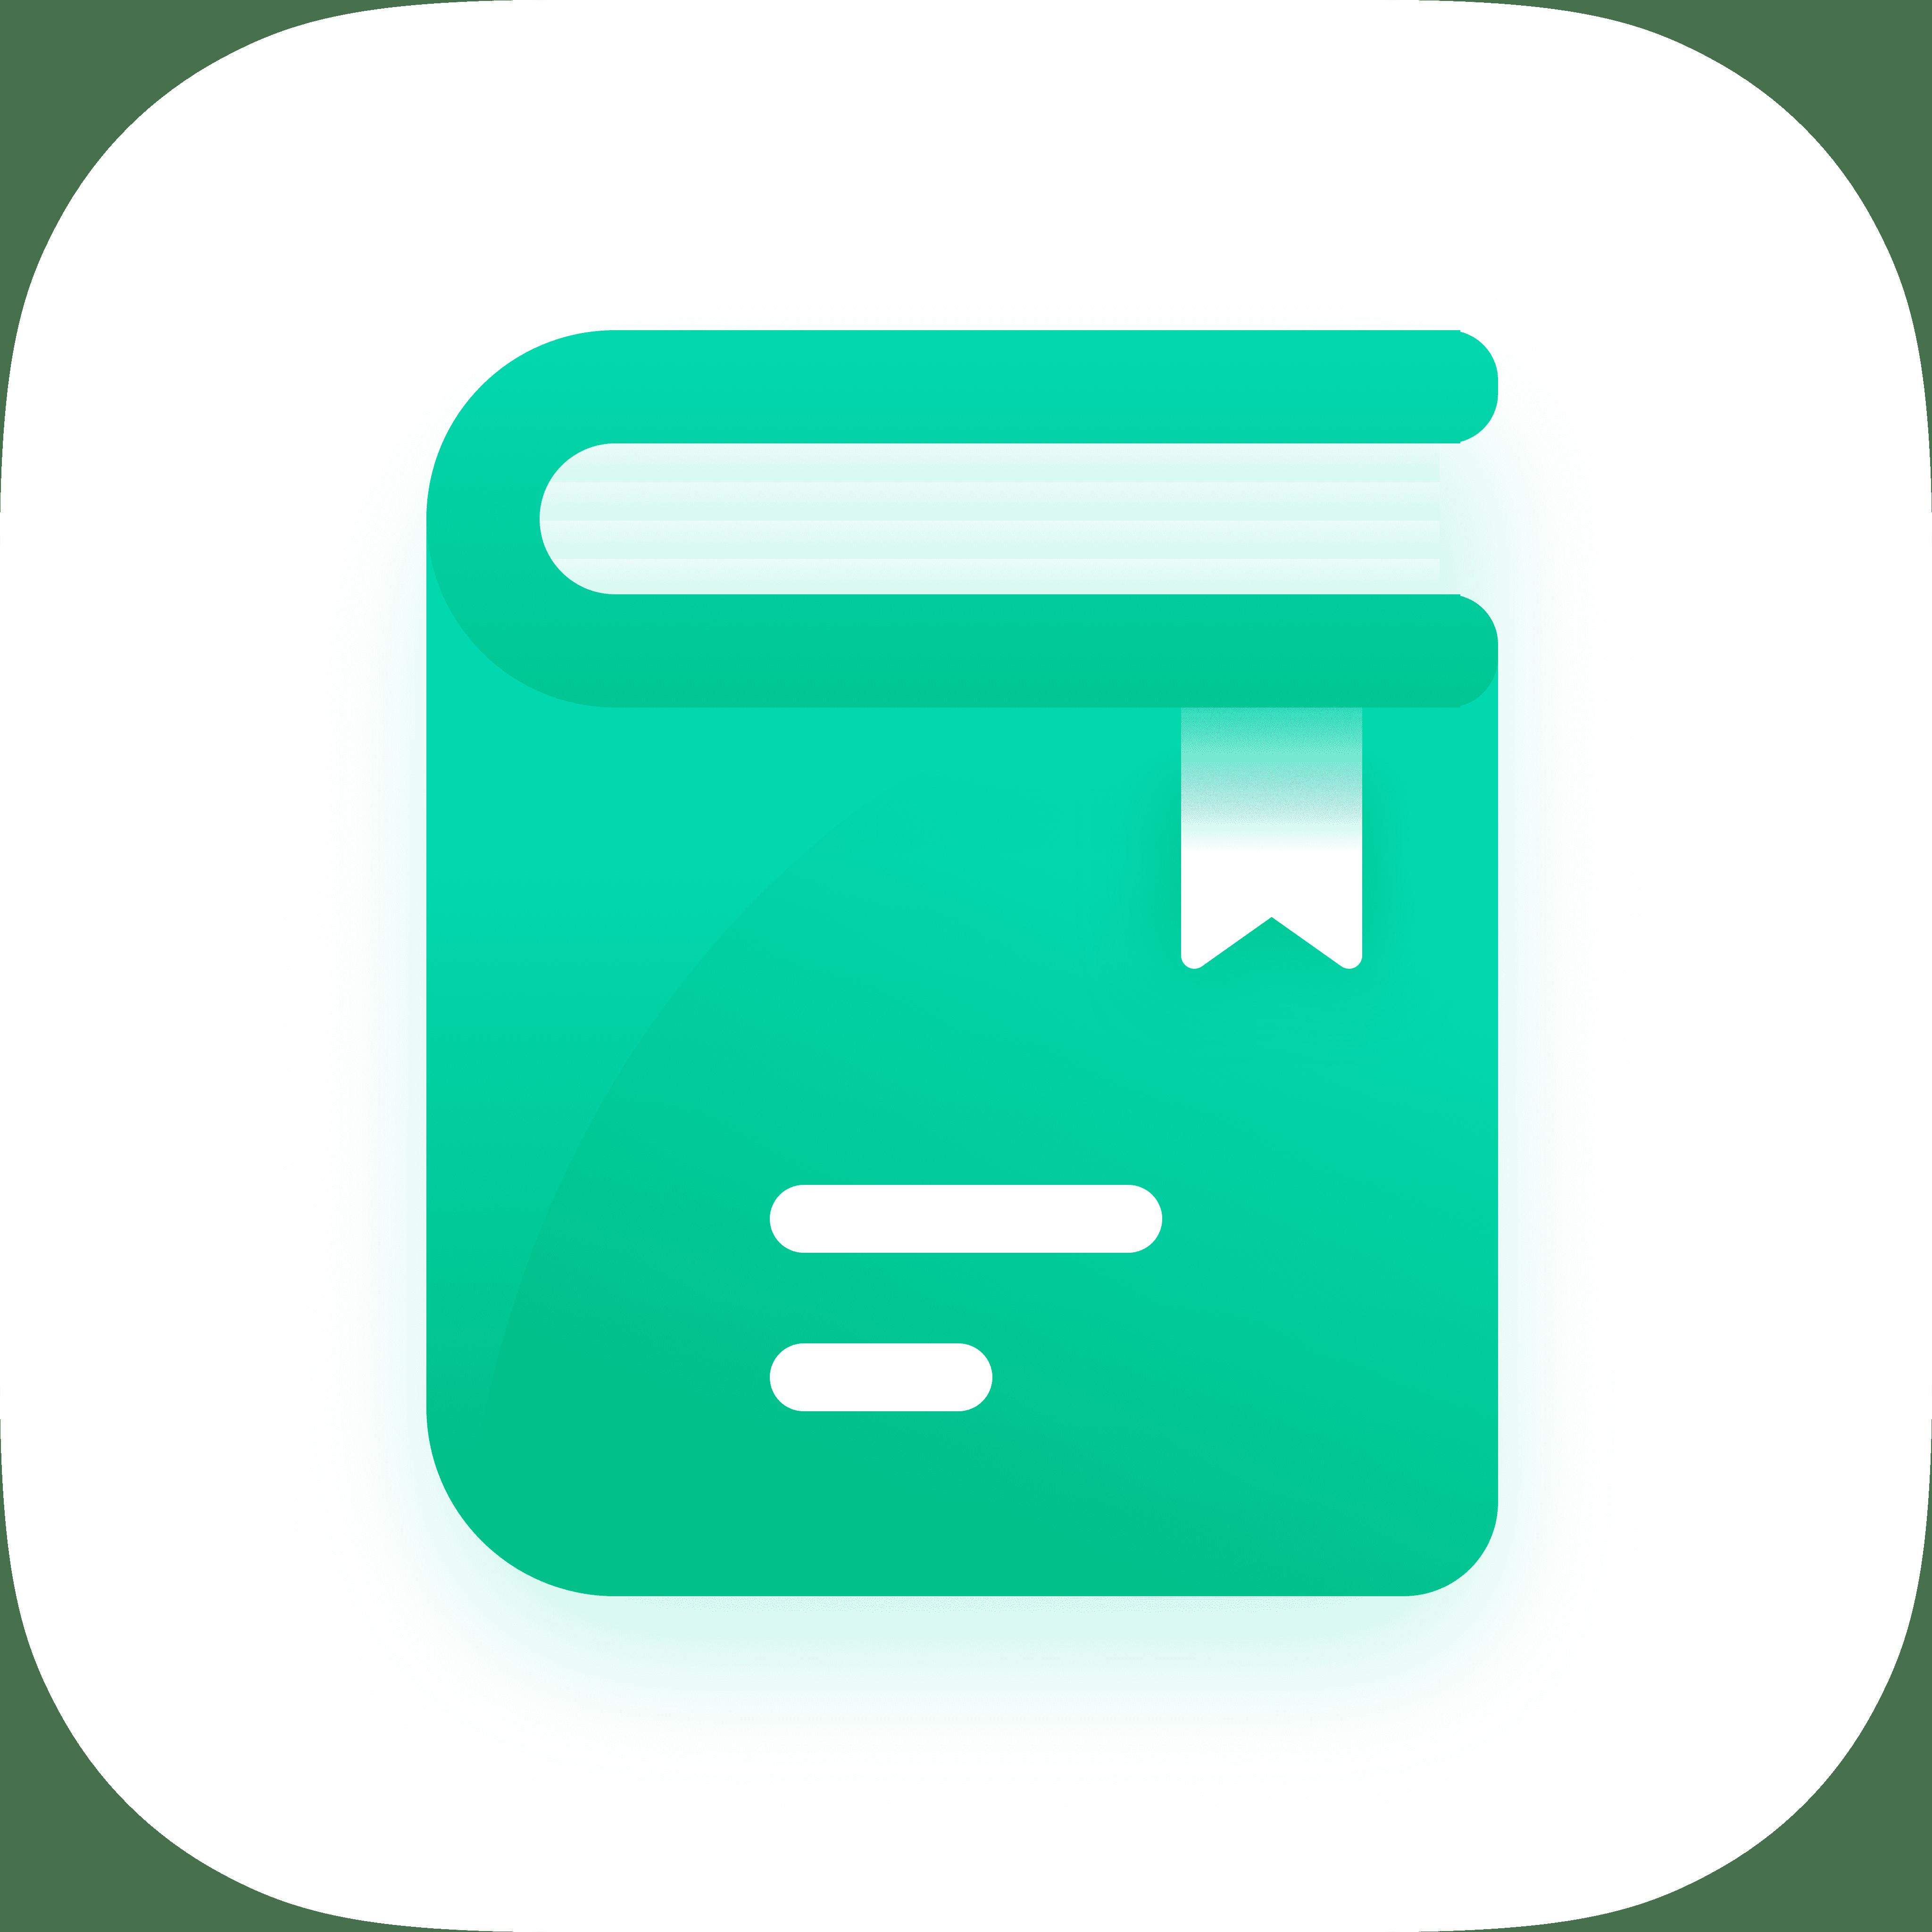 极畅阅读 V1.0.1 安卓版